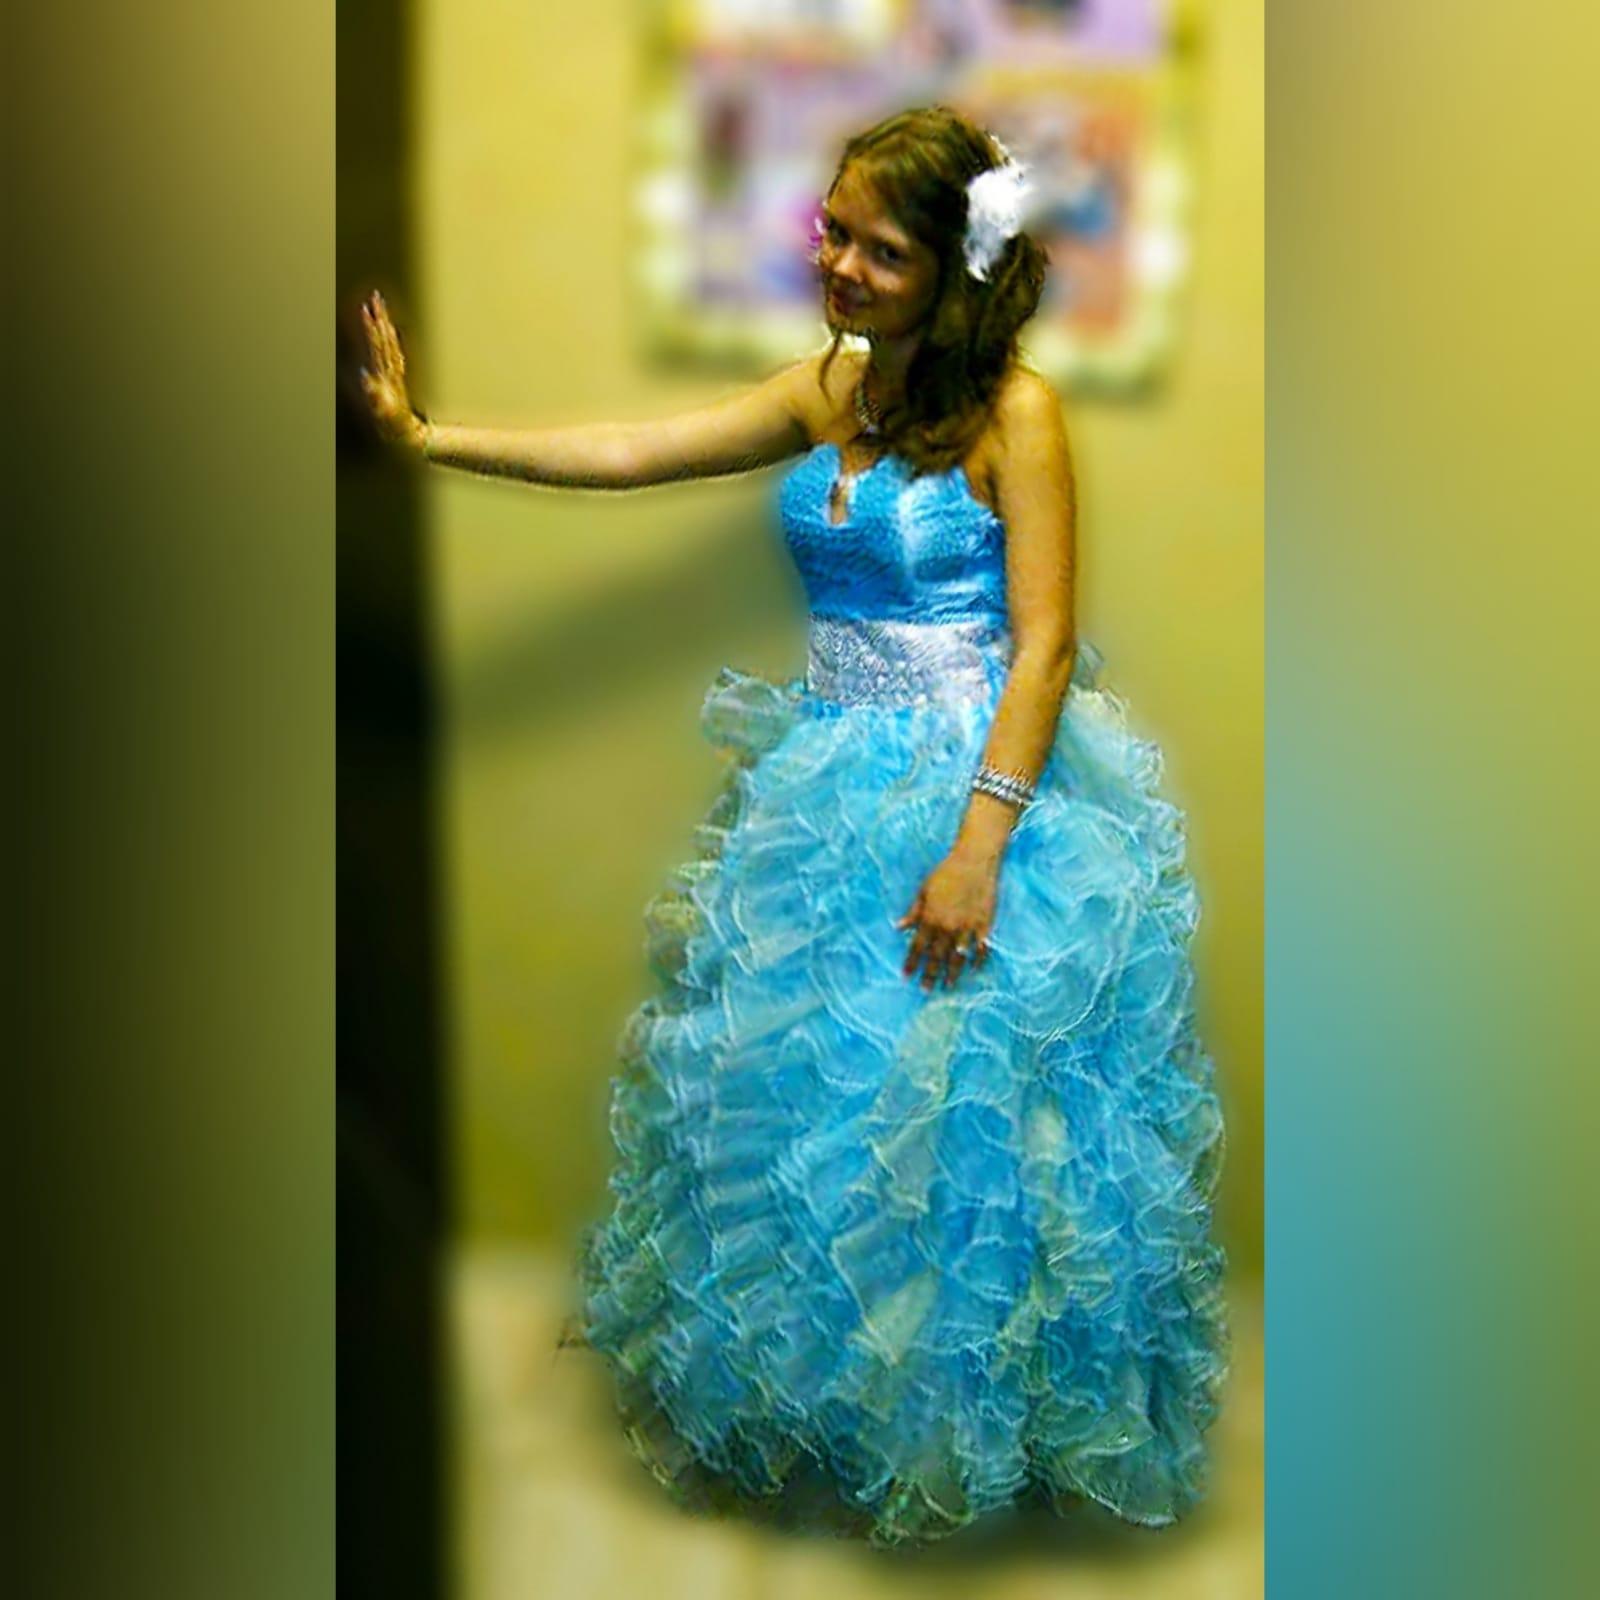 Vestido de finalistas princesa 3 cores 4 vestido de finalistas princesa 3 cores. Corpete com pedraria espalhada, com um cinto prateado largo, fundo completamente de folhos.